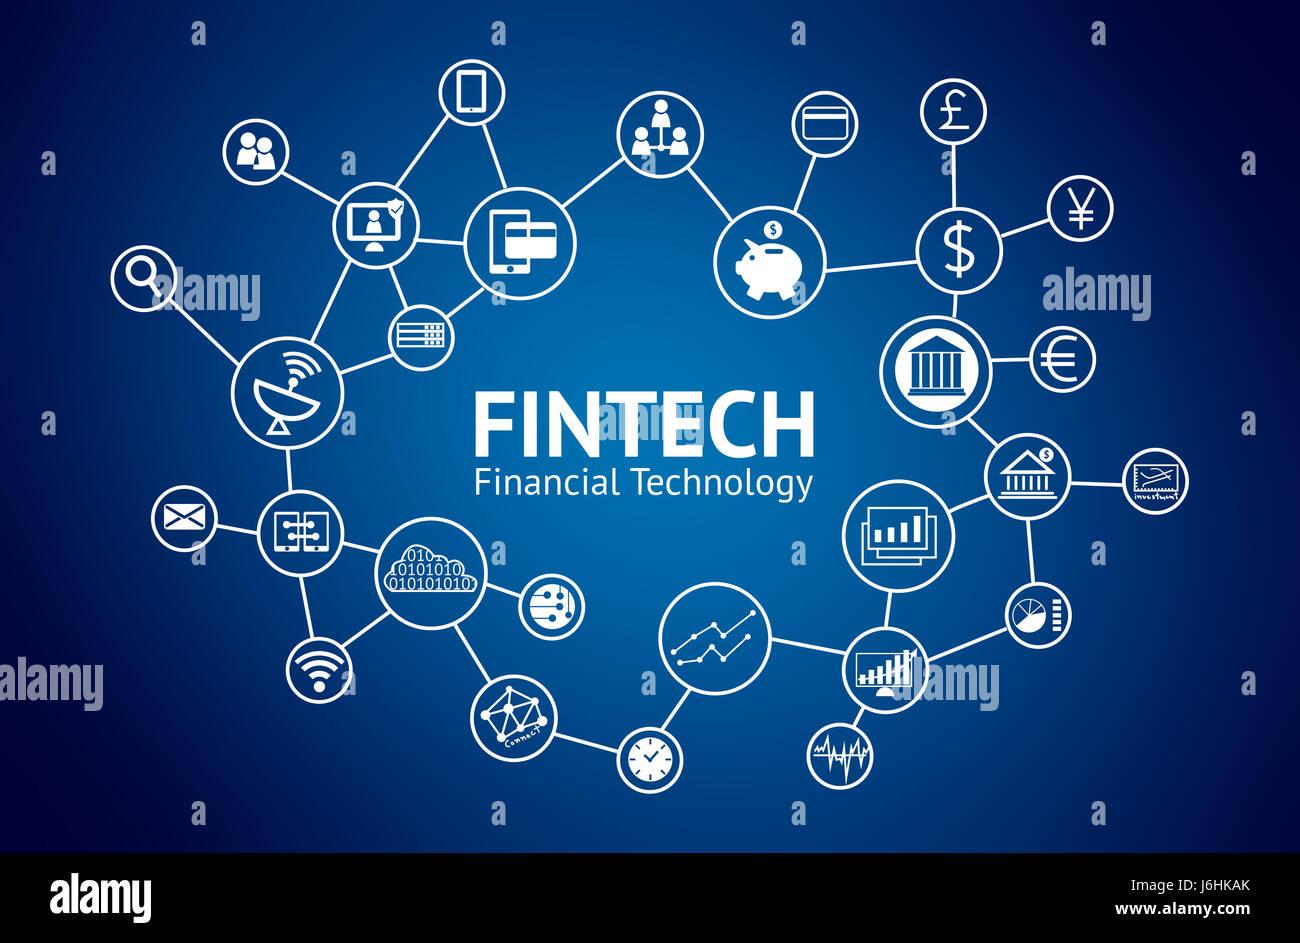 FinTech-Konzept. Ikonen der Finanztechnologie, Bank, Weltwährungen, Graph, Smartphone, Investitionen, charttechnische, Stockbild